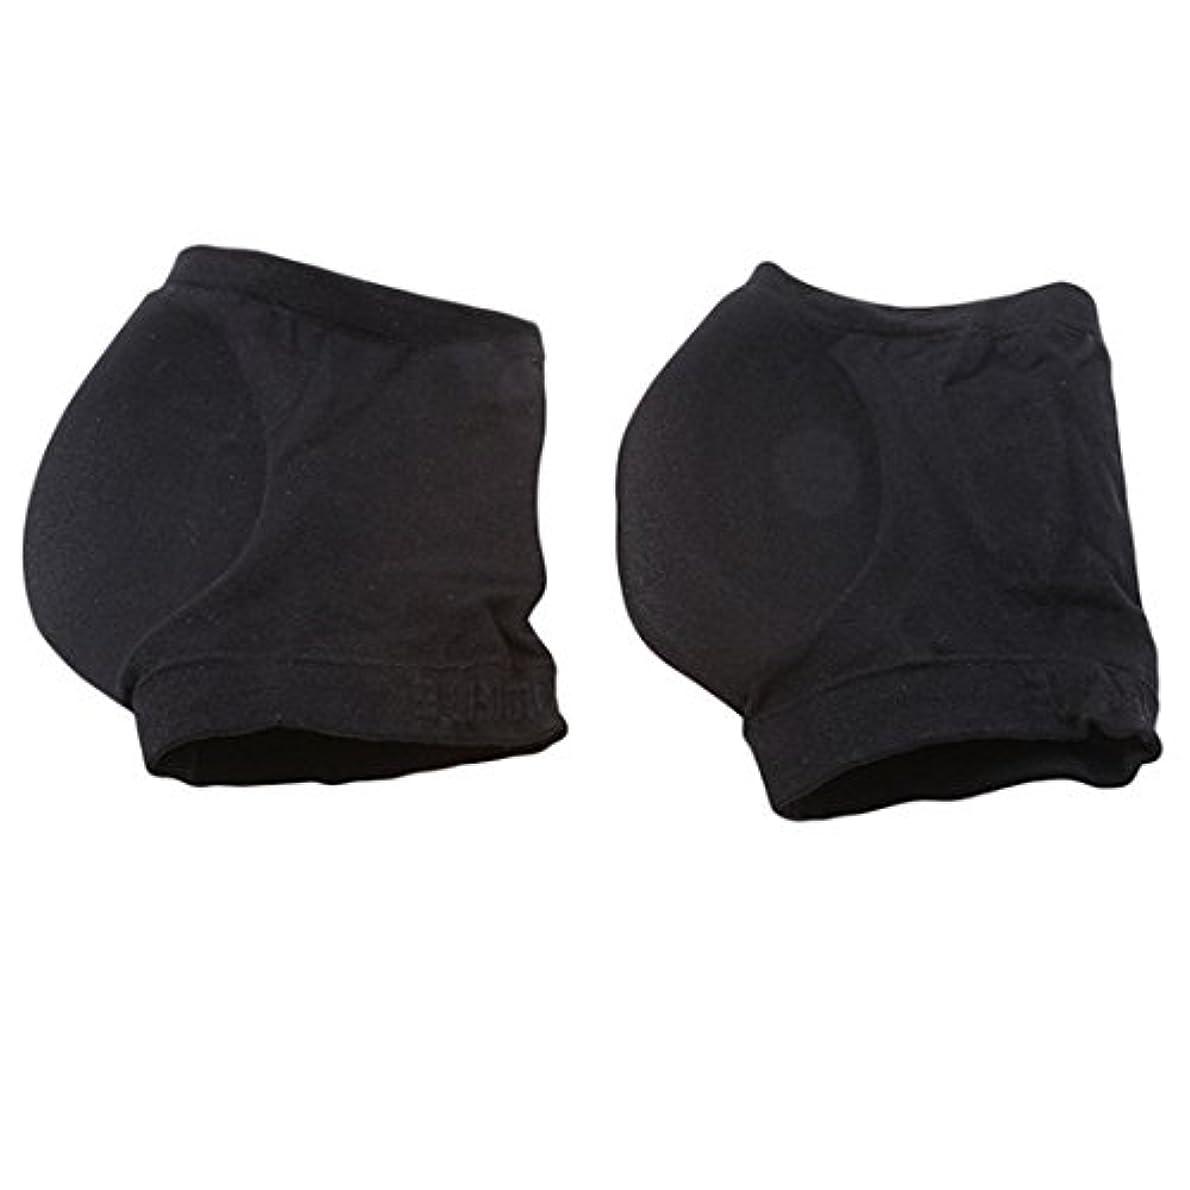 電化するクラッチ心配するKLUMA 靴下 かかと ソックス 角質ケア うるおい 保湿 角質除去 足ケア レディース メンズ